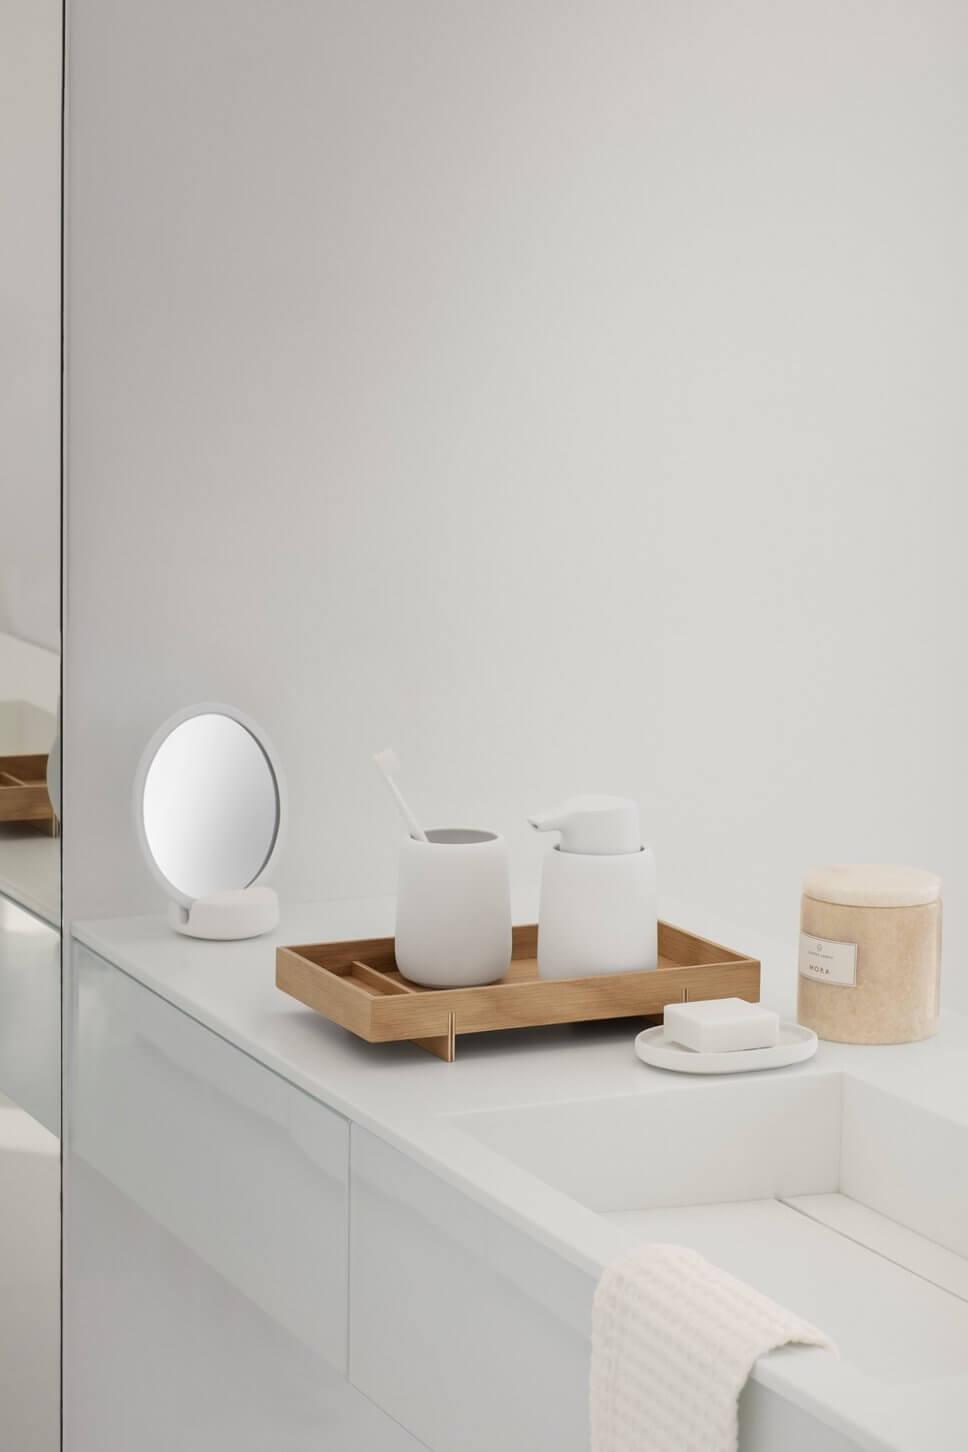 Seifenspender in modernem Badezimmer